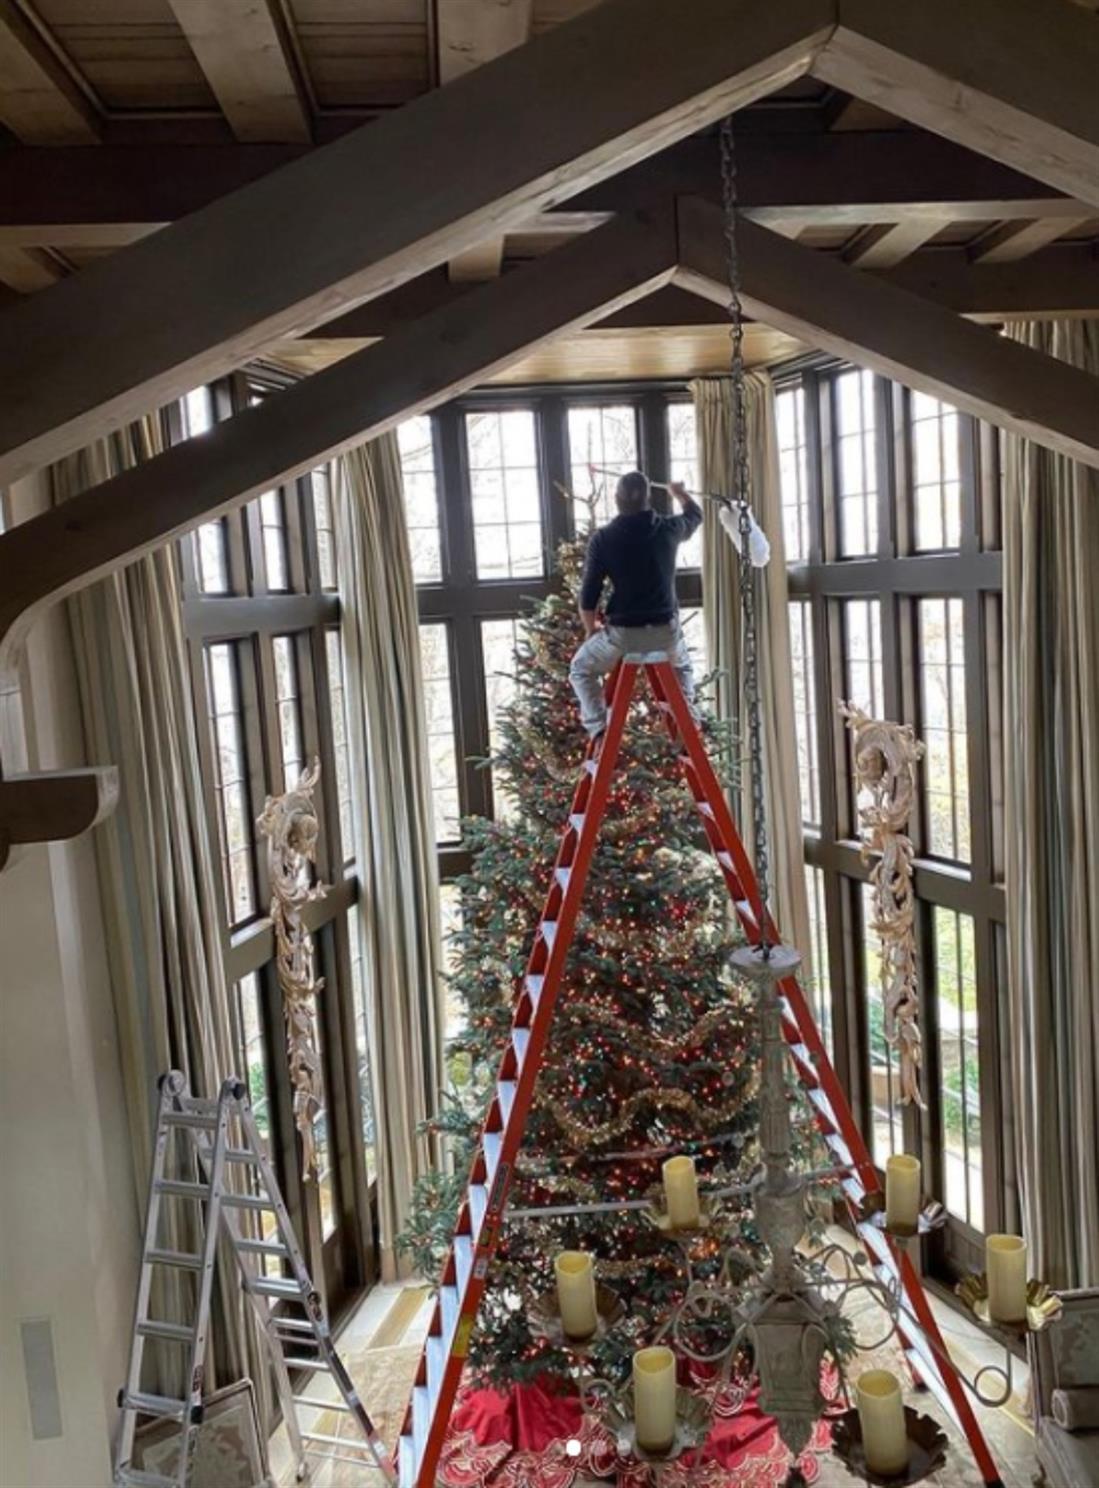 Τιμ ΜακΓκρο - Φέιθ Χιλ - Χριστουγεννιάτικο δέντρο